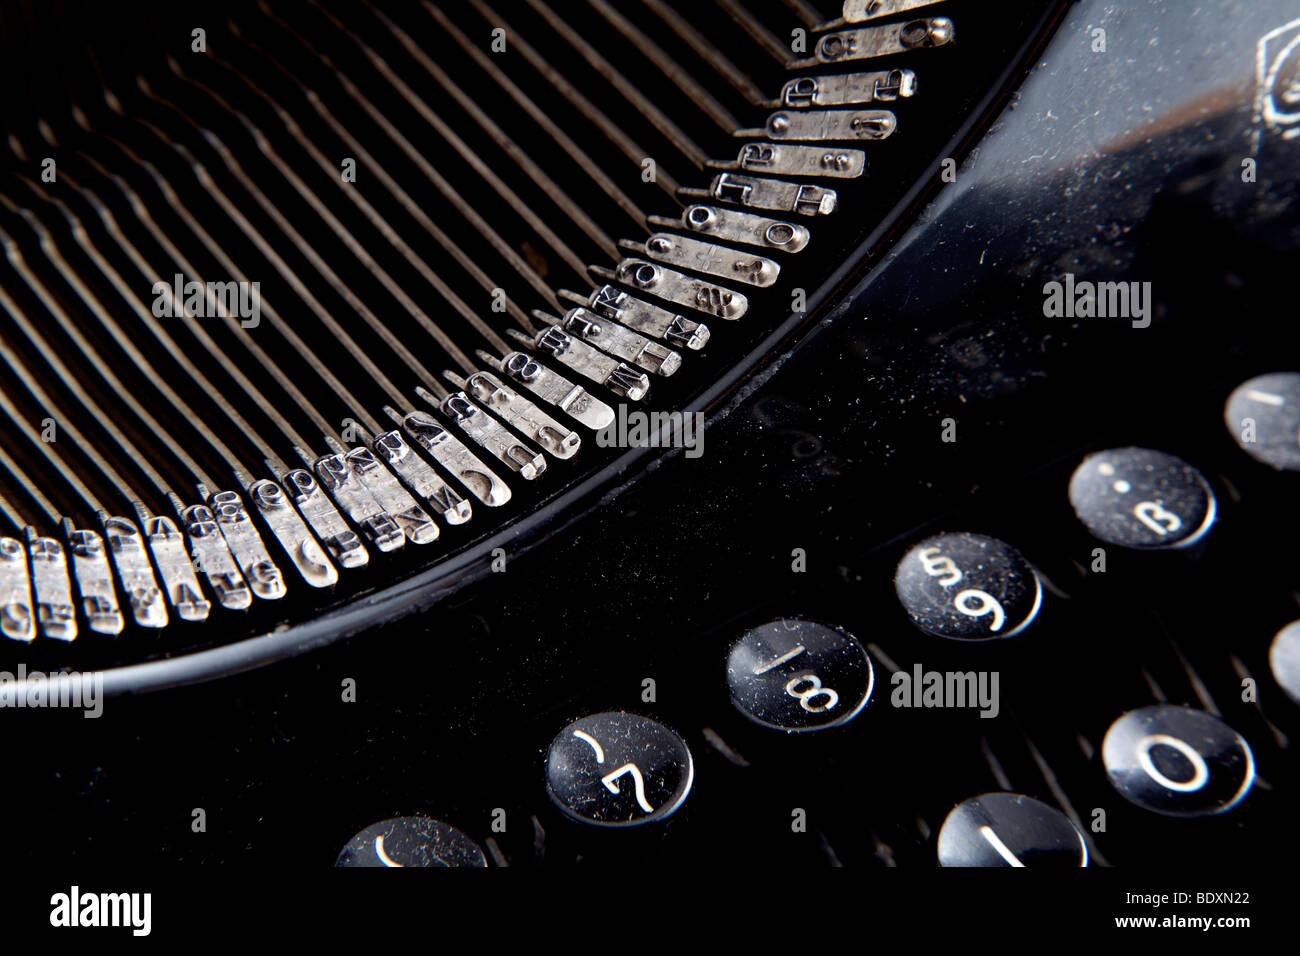 Antique dusty typewriter - Stock Image